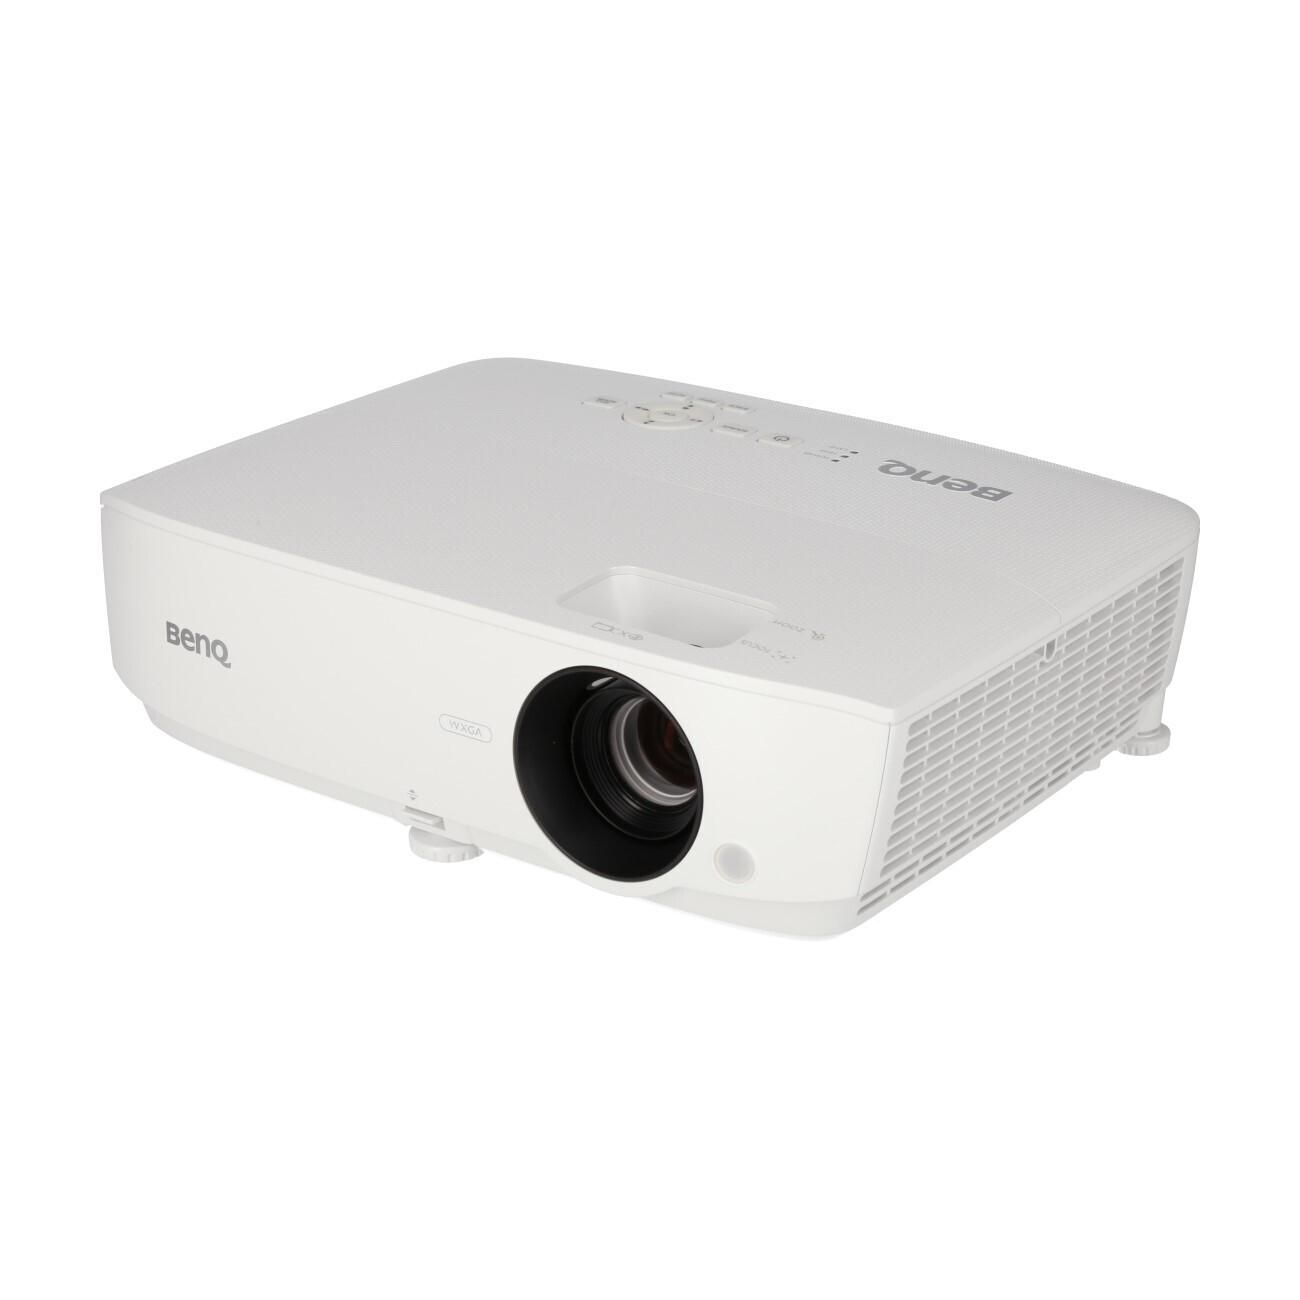 BenQ TW533 Business Beamer mit 3300 ANSI-Lumen und WXGA Auflösung